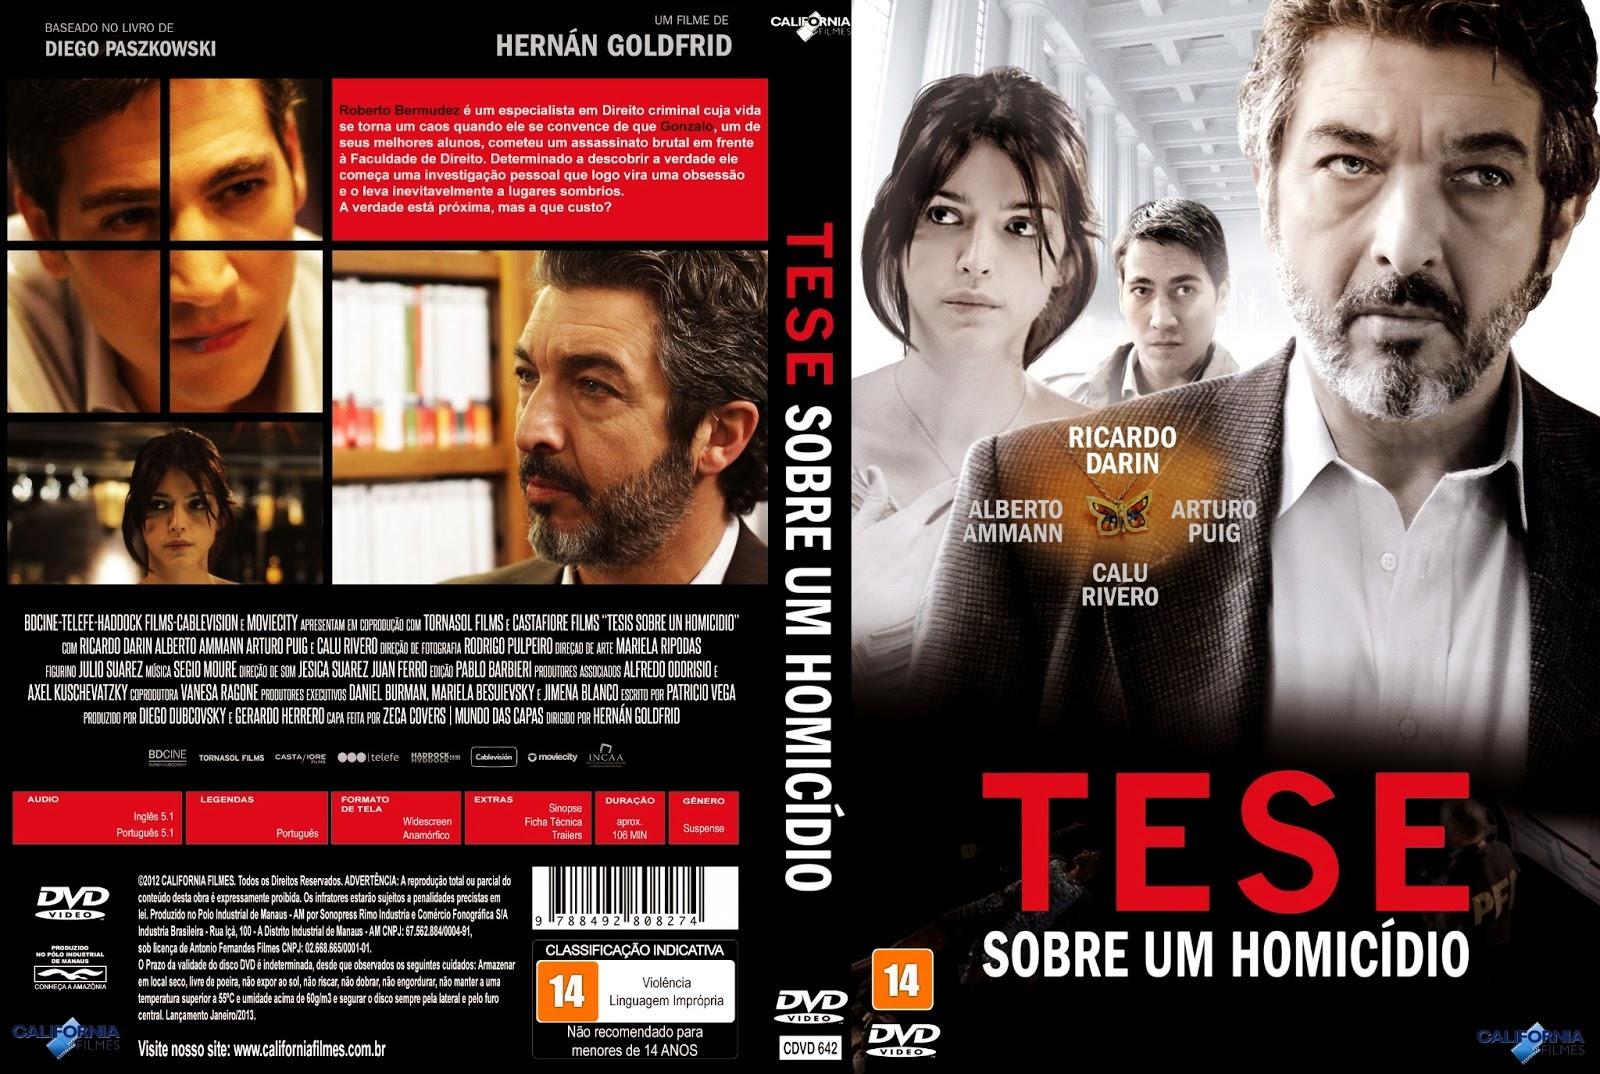 Filme Tese Sobre Um Homicídio DVD Capa